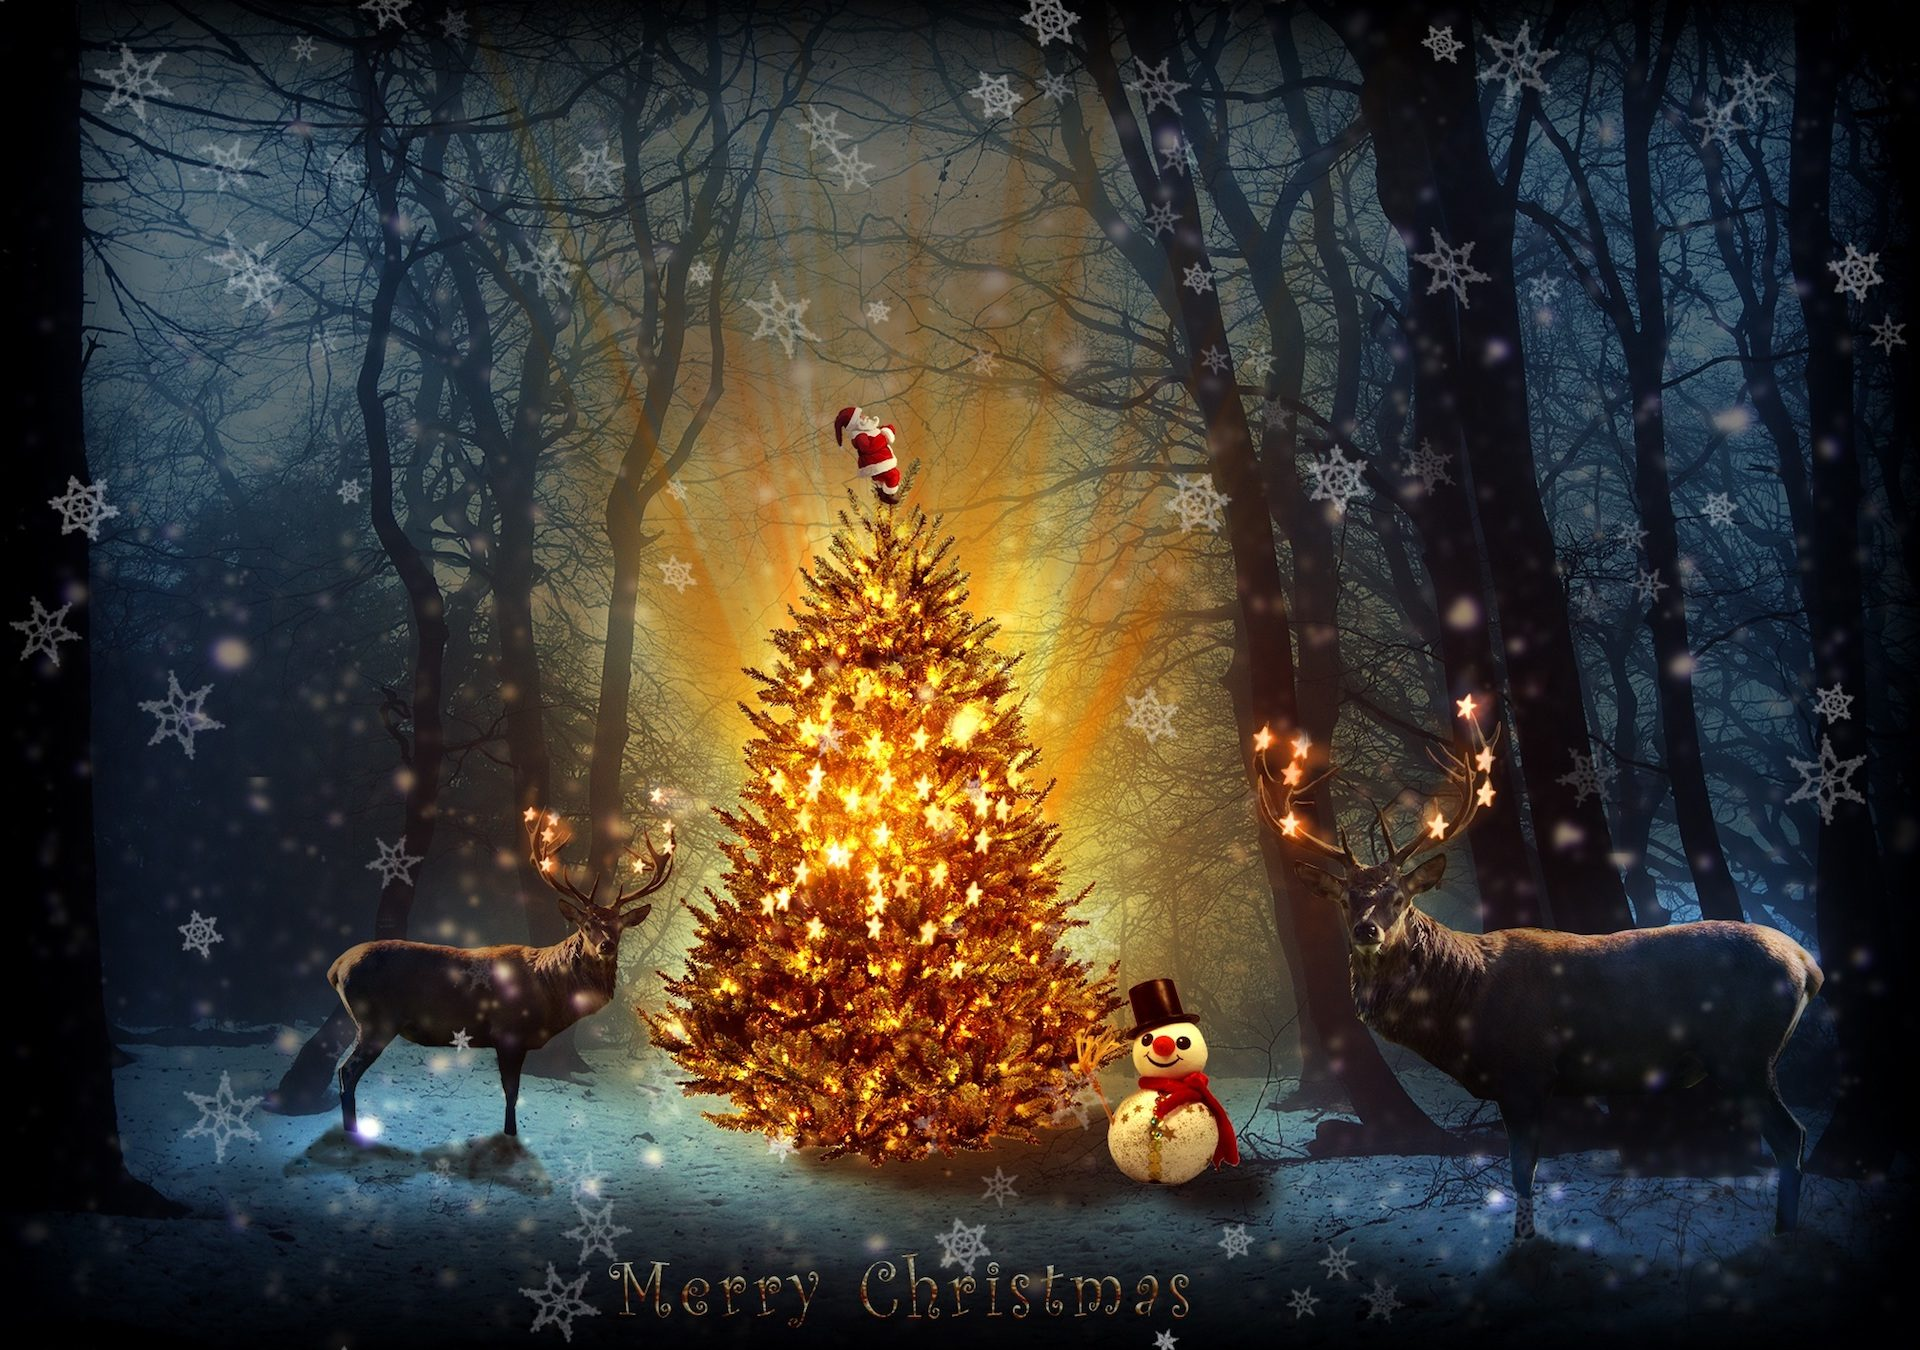 شجرة, الغزلان, ثلج., الغابات, تحية, بطاقة, عيد الميلاد - خلفيات عالية الدقة - أستاذ falken.com